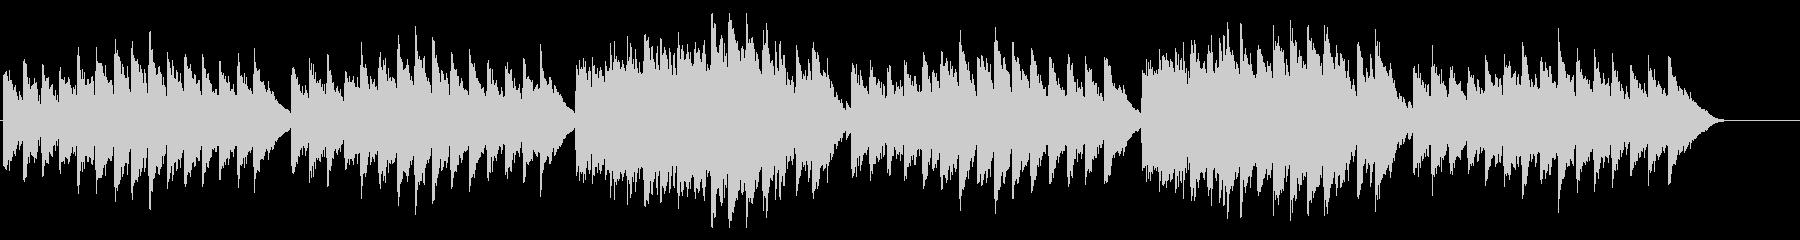 キラキラ星変奏曲(Var Ⅵ)オルゴールの未再生の波形